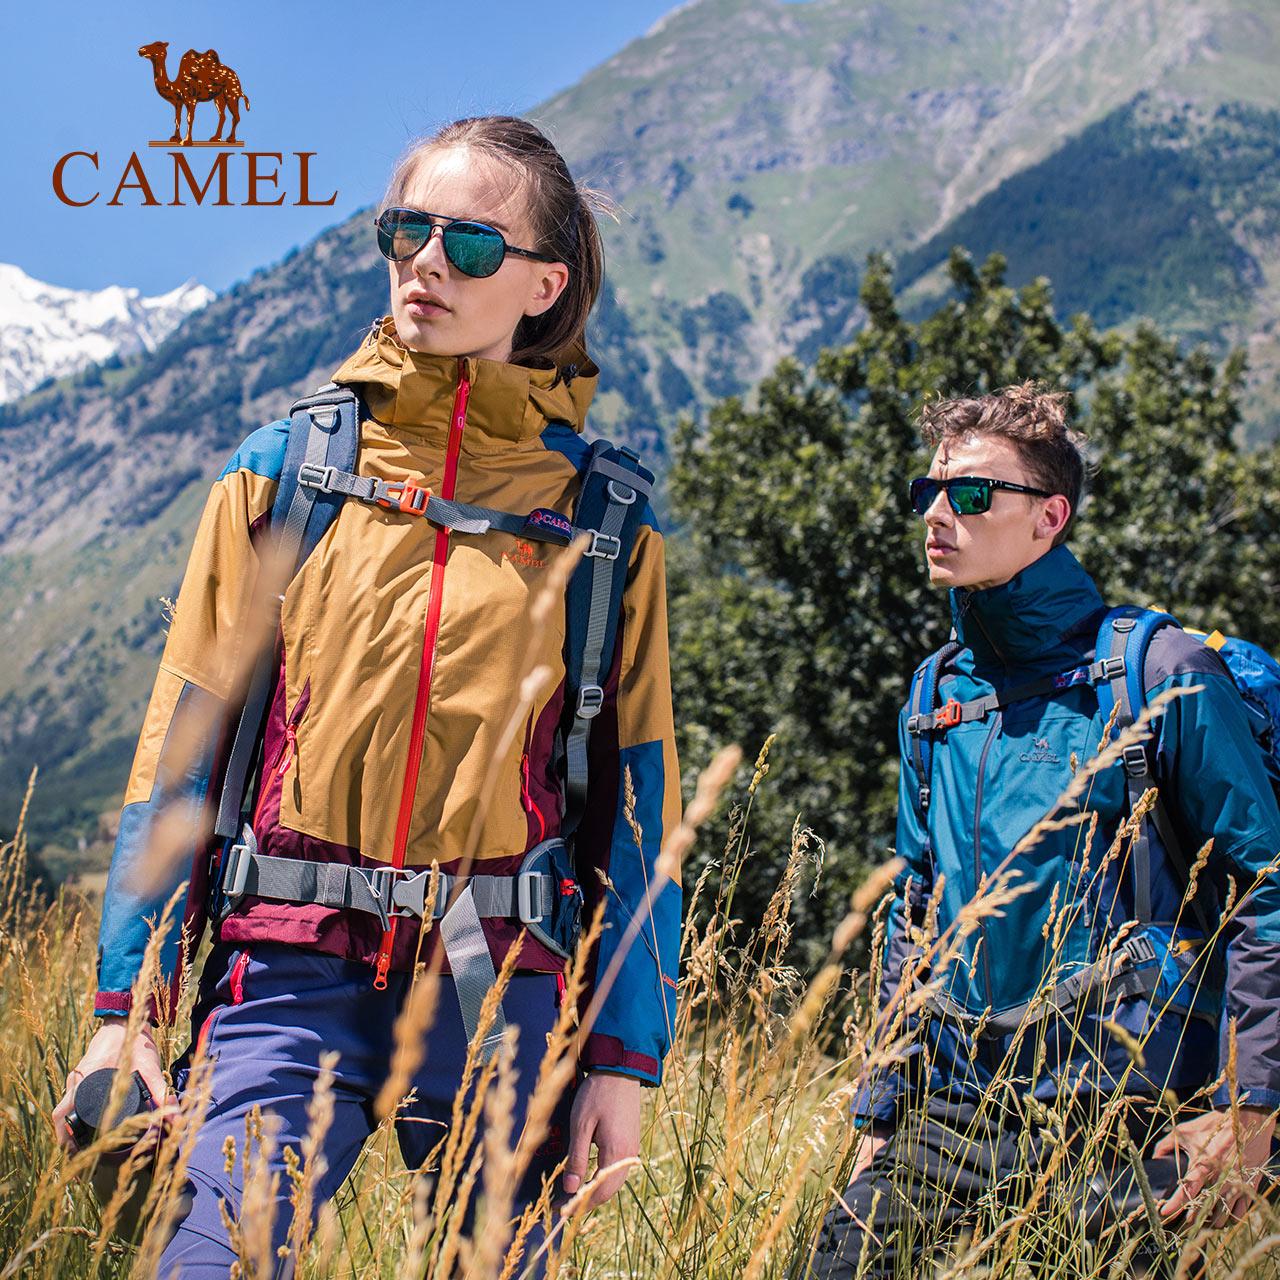 骆驼户外冲锋衣时尚潮牌时尚拼色男情侣款三合一两件套雪山冲锋衣